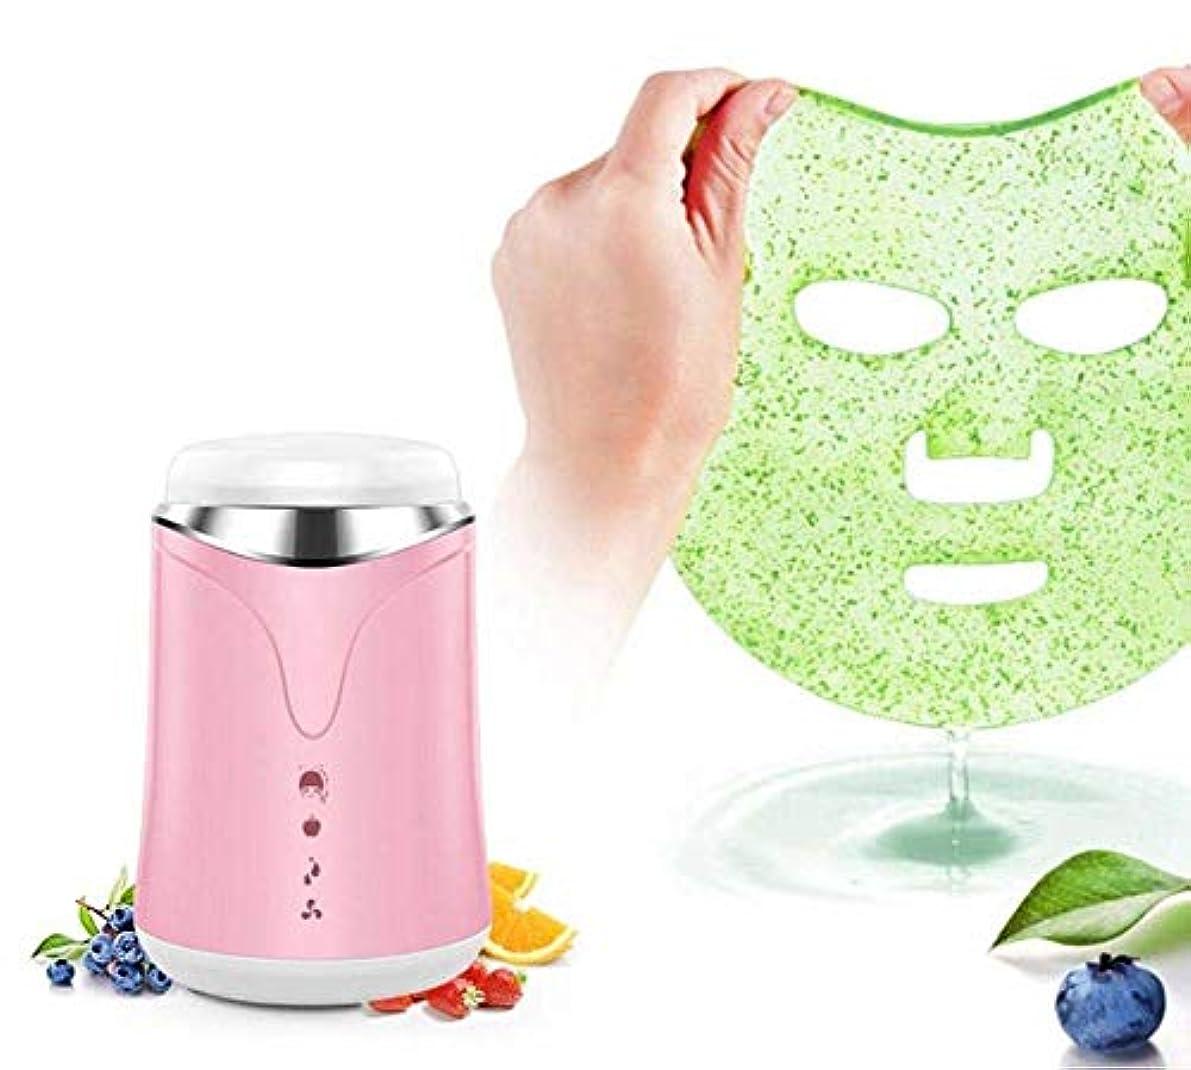 借りるどんなときも使役果物と野菜のマスクを作るマシン、顔の汽船インテリジェント自動フェイシャルケア機器/保湿美容機器自家製の液体マスク,Pink